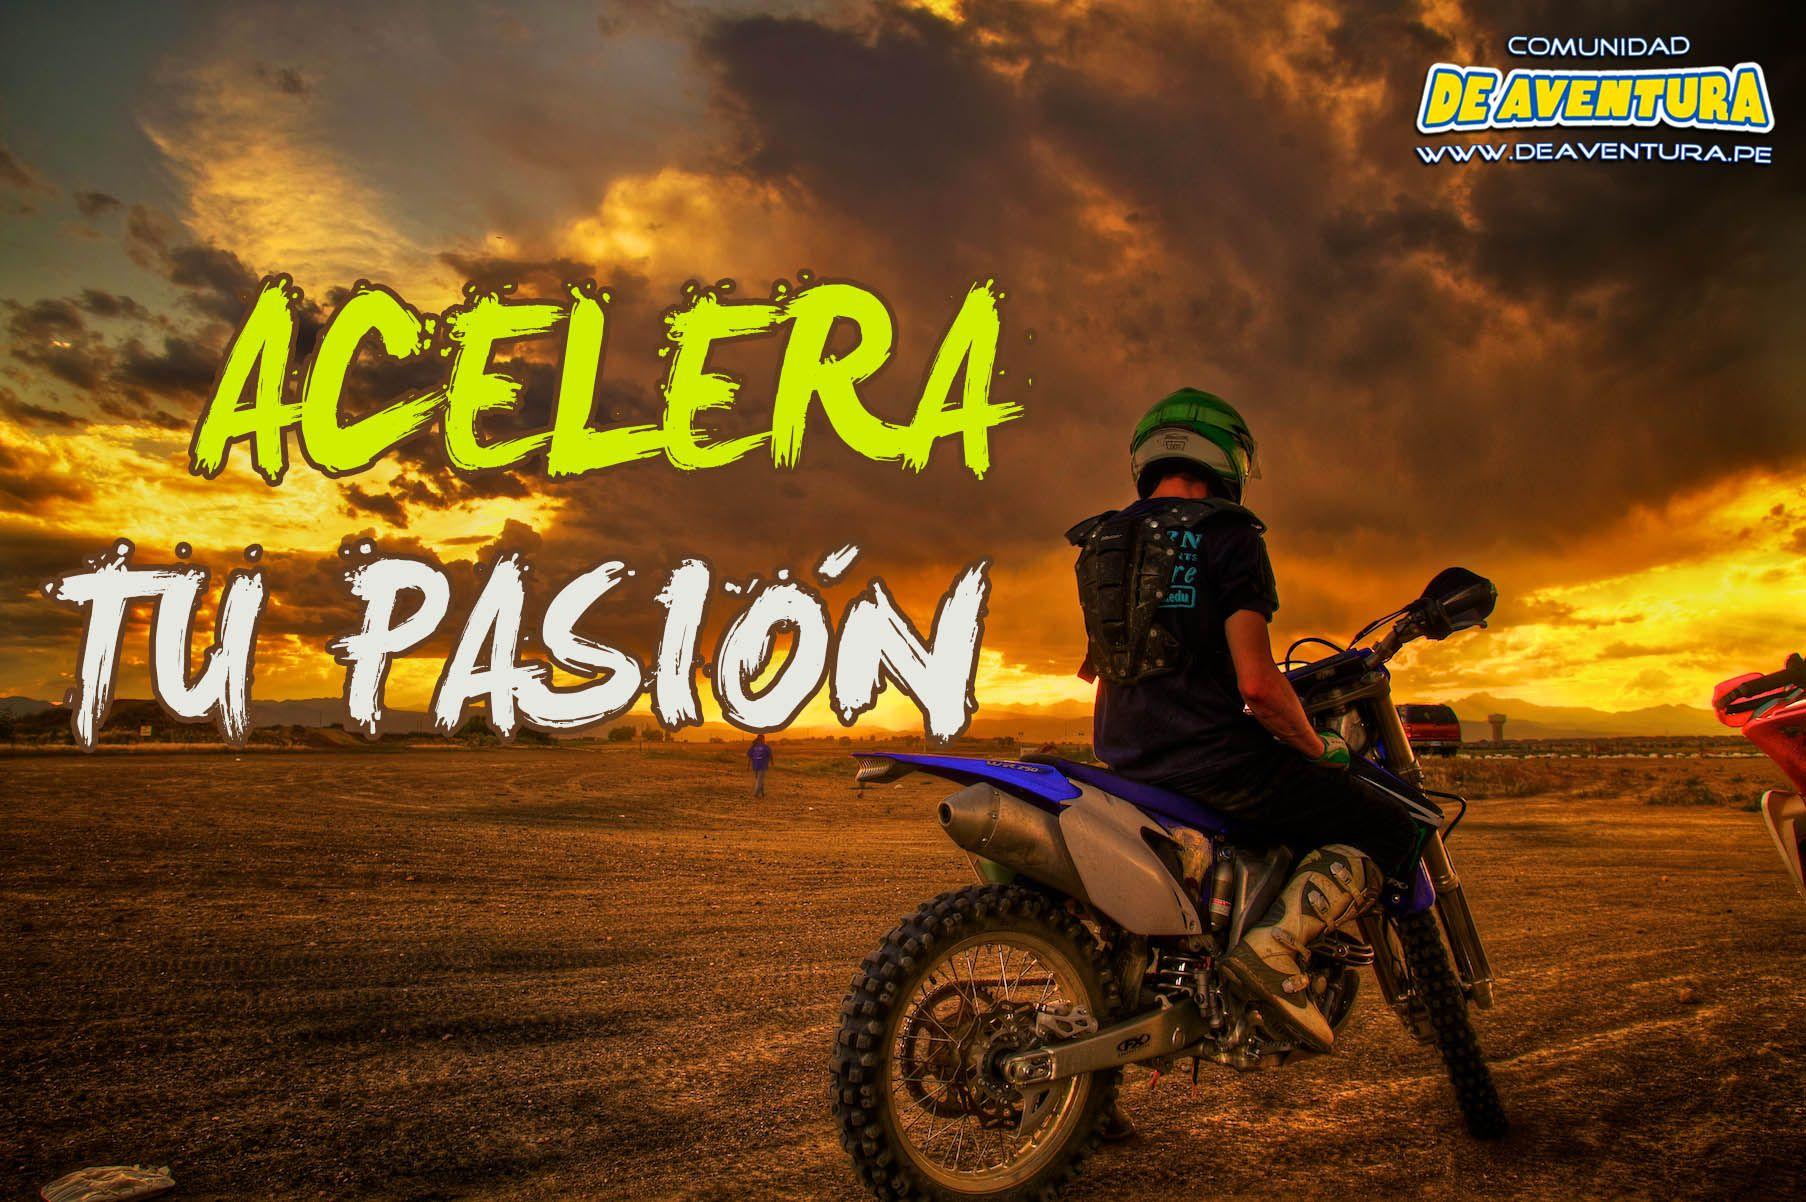 Deja que la adrenalina fluya y vive tu pasión por los deportes de aventura.